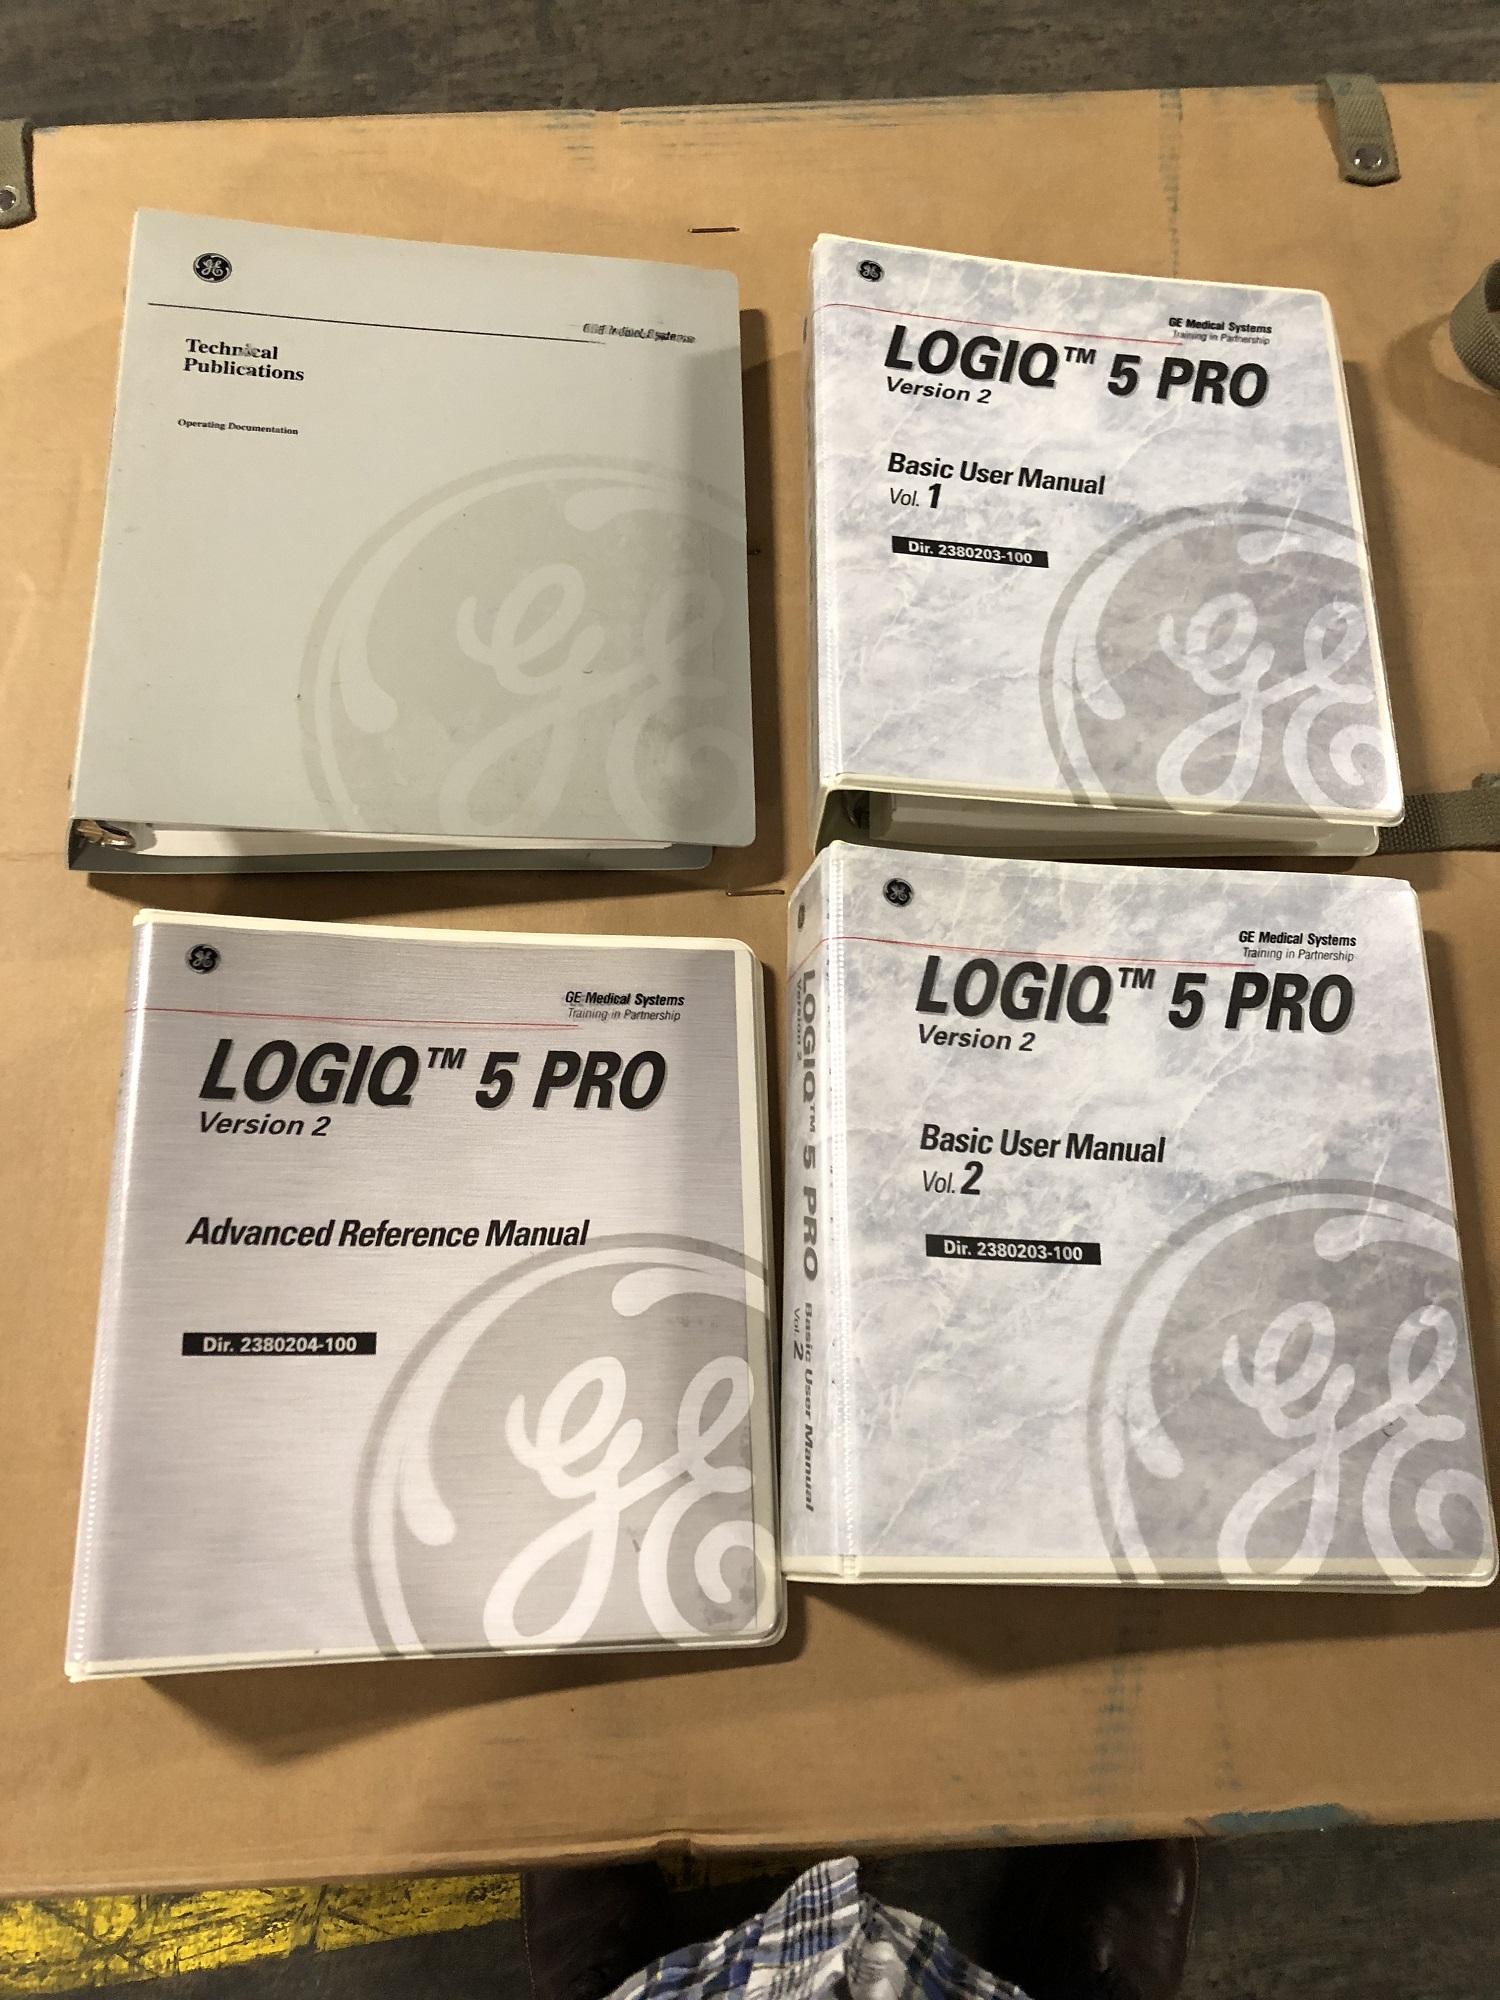 kolbus manual ebook rh kolbus manual ebook pureroseoil us